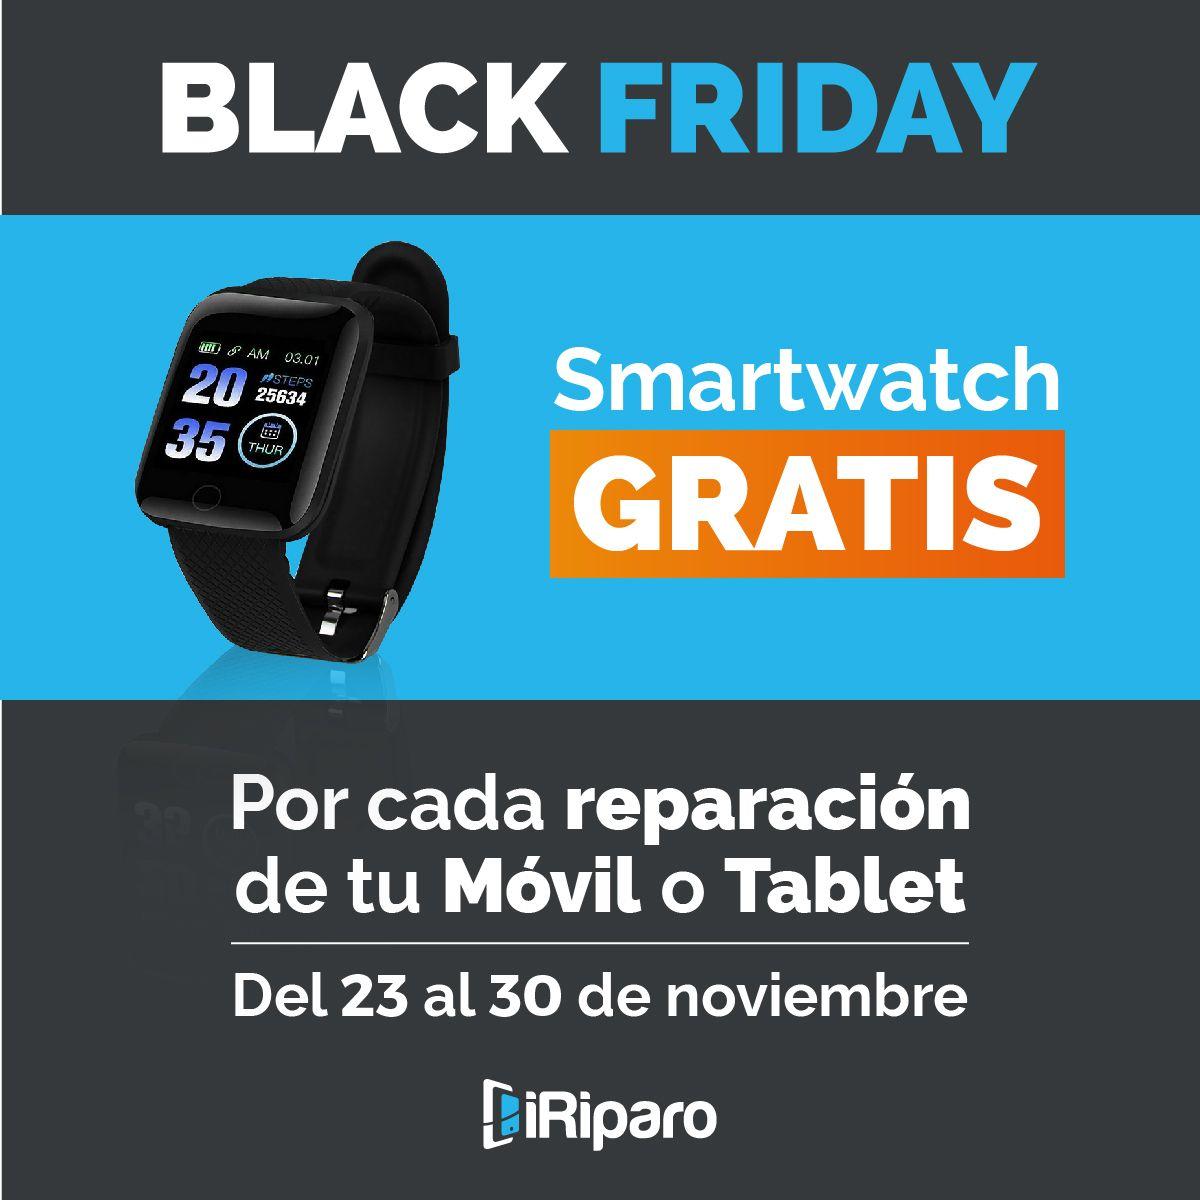 Smartwatch gratis por reparar tu móvil o tablet en iriparo